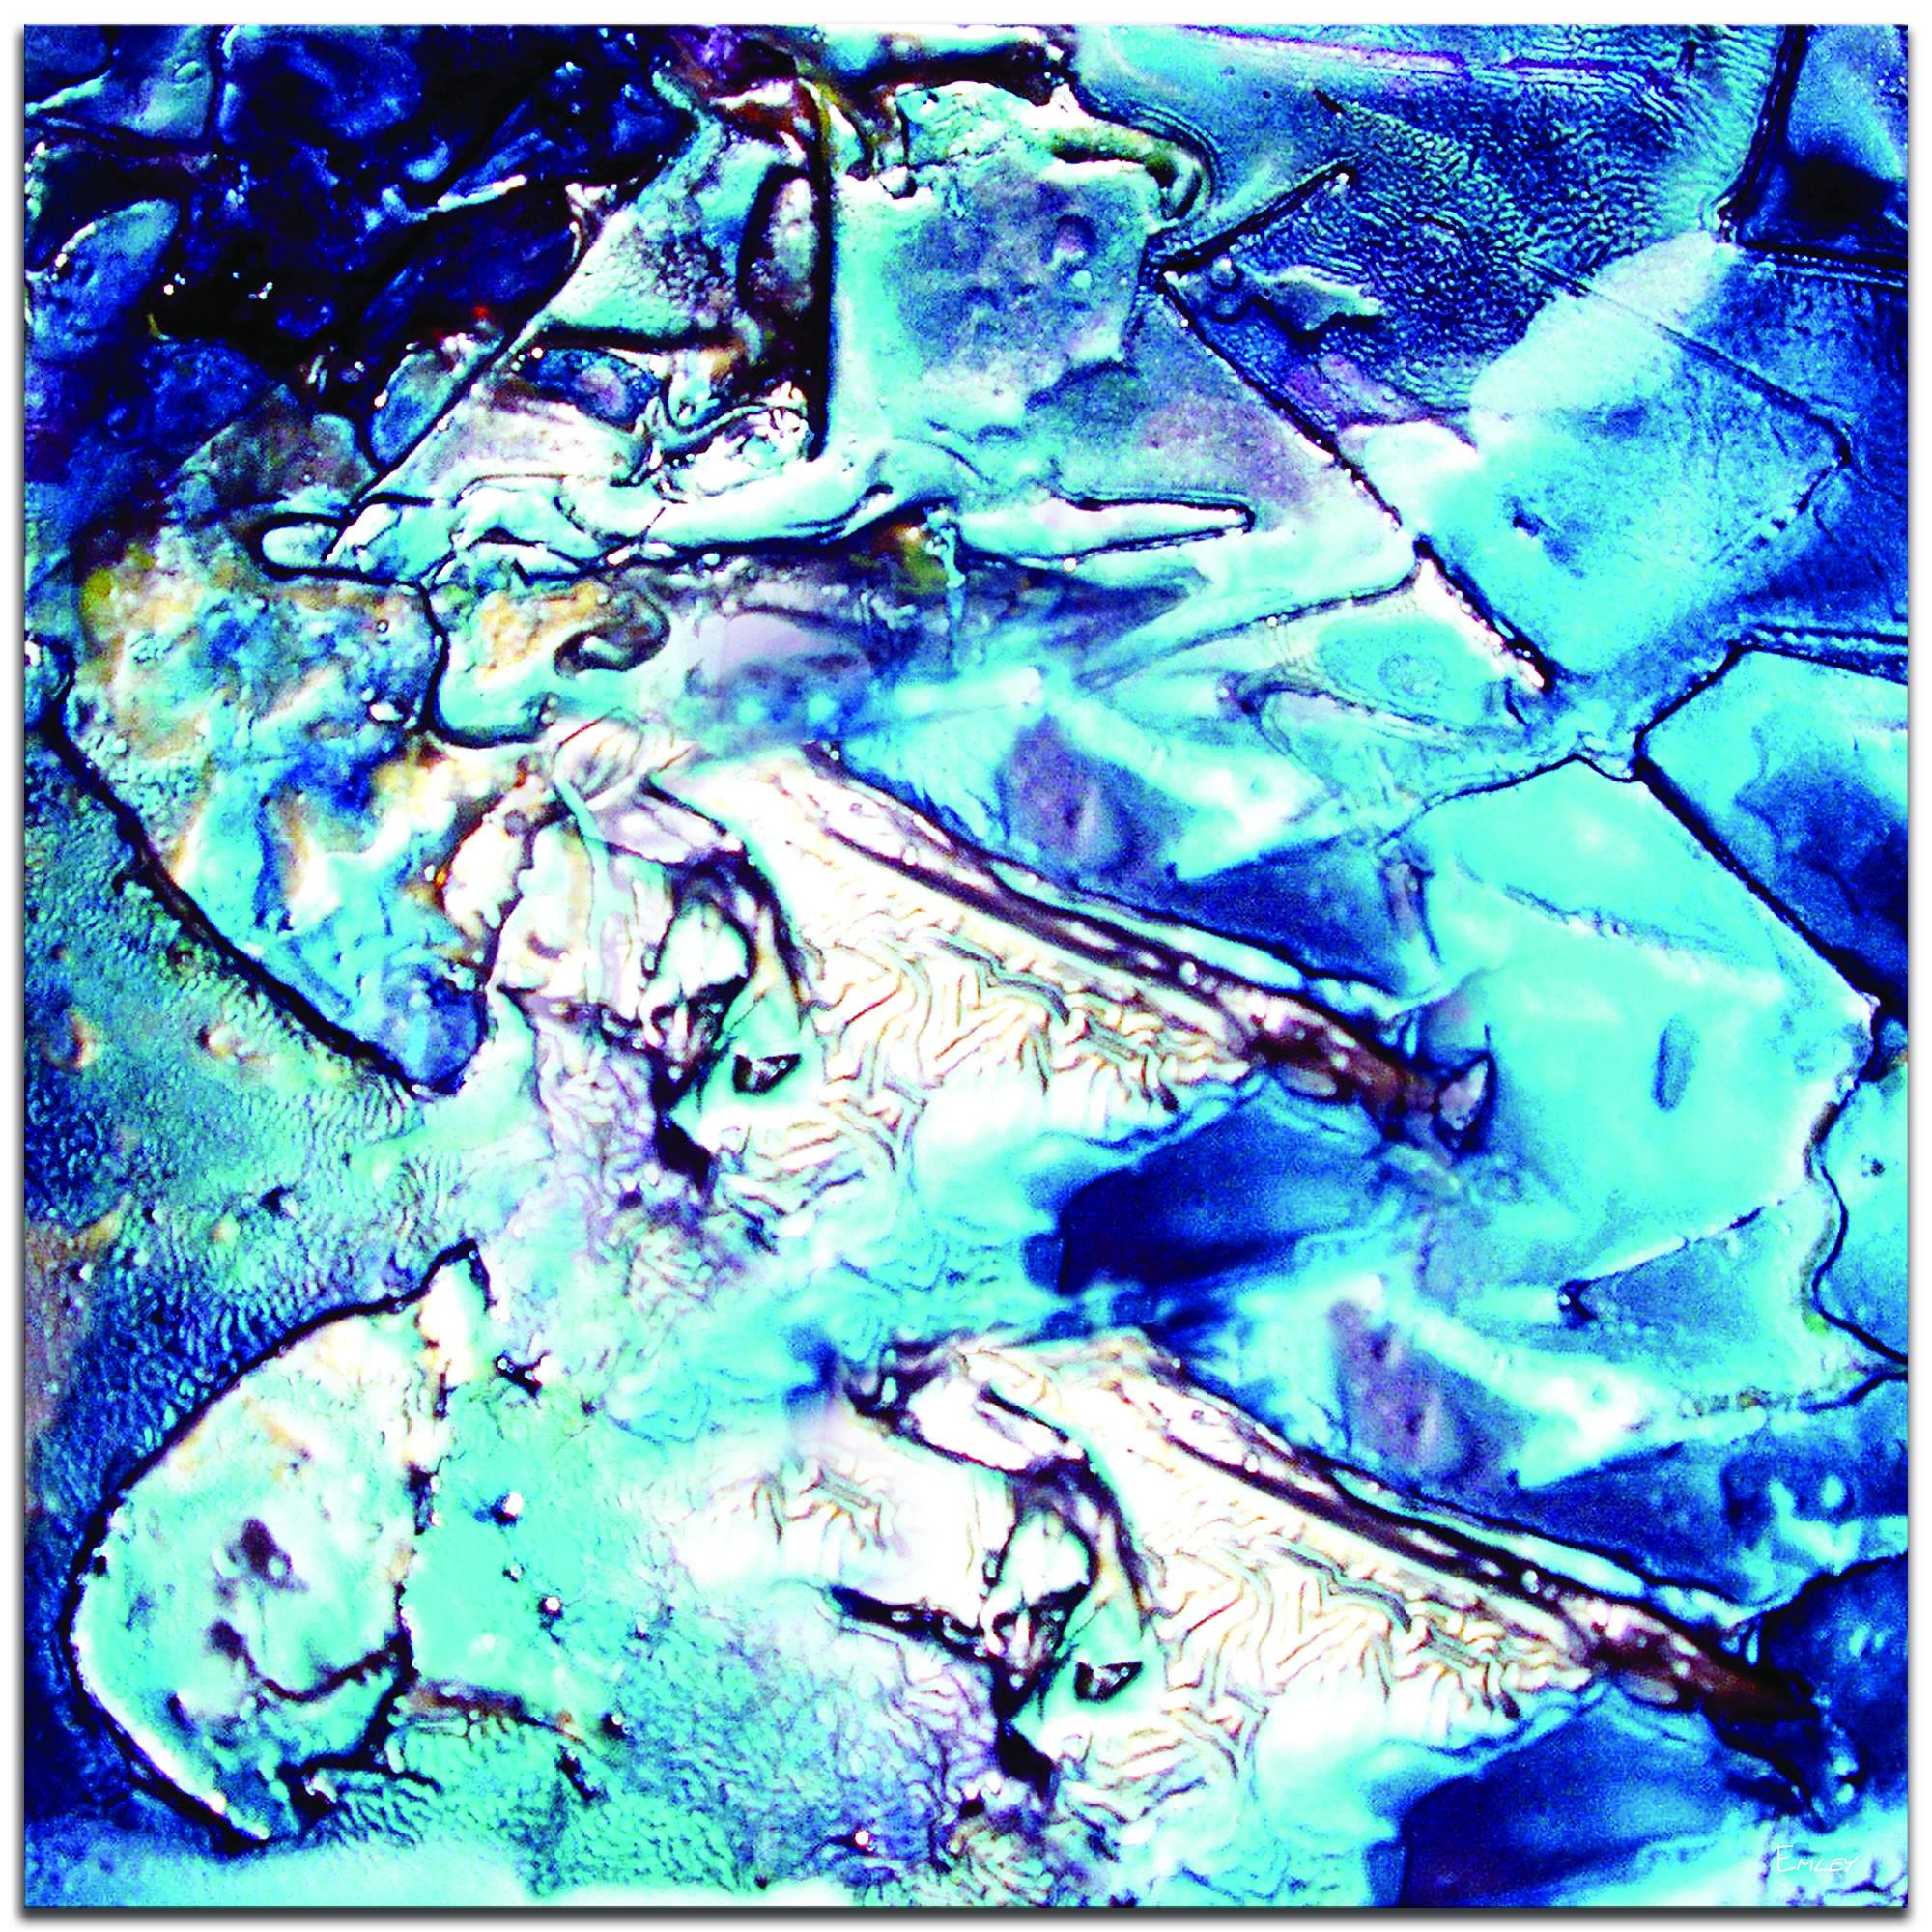 Cool Jazz - Blue Paint-Splatter Abstract Wall Art